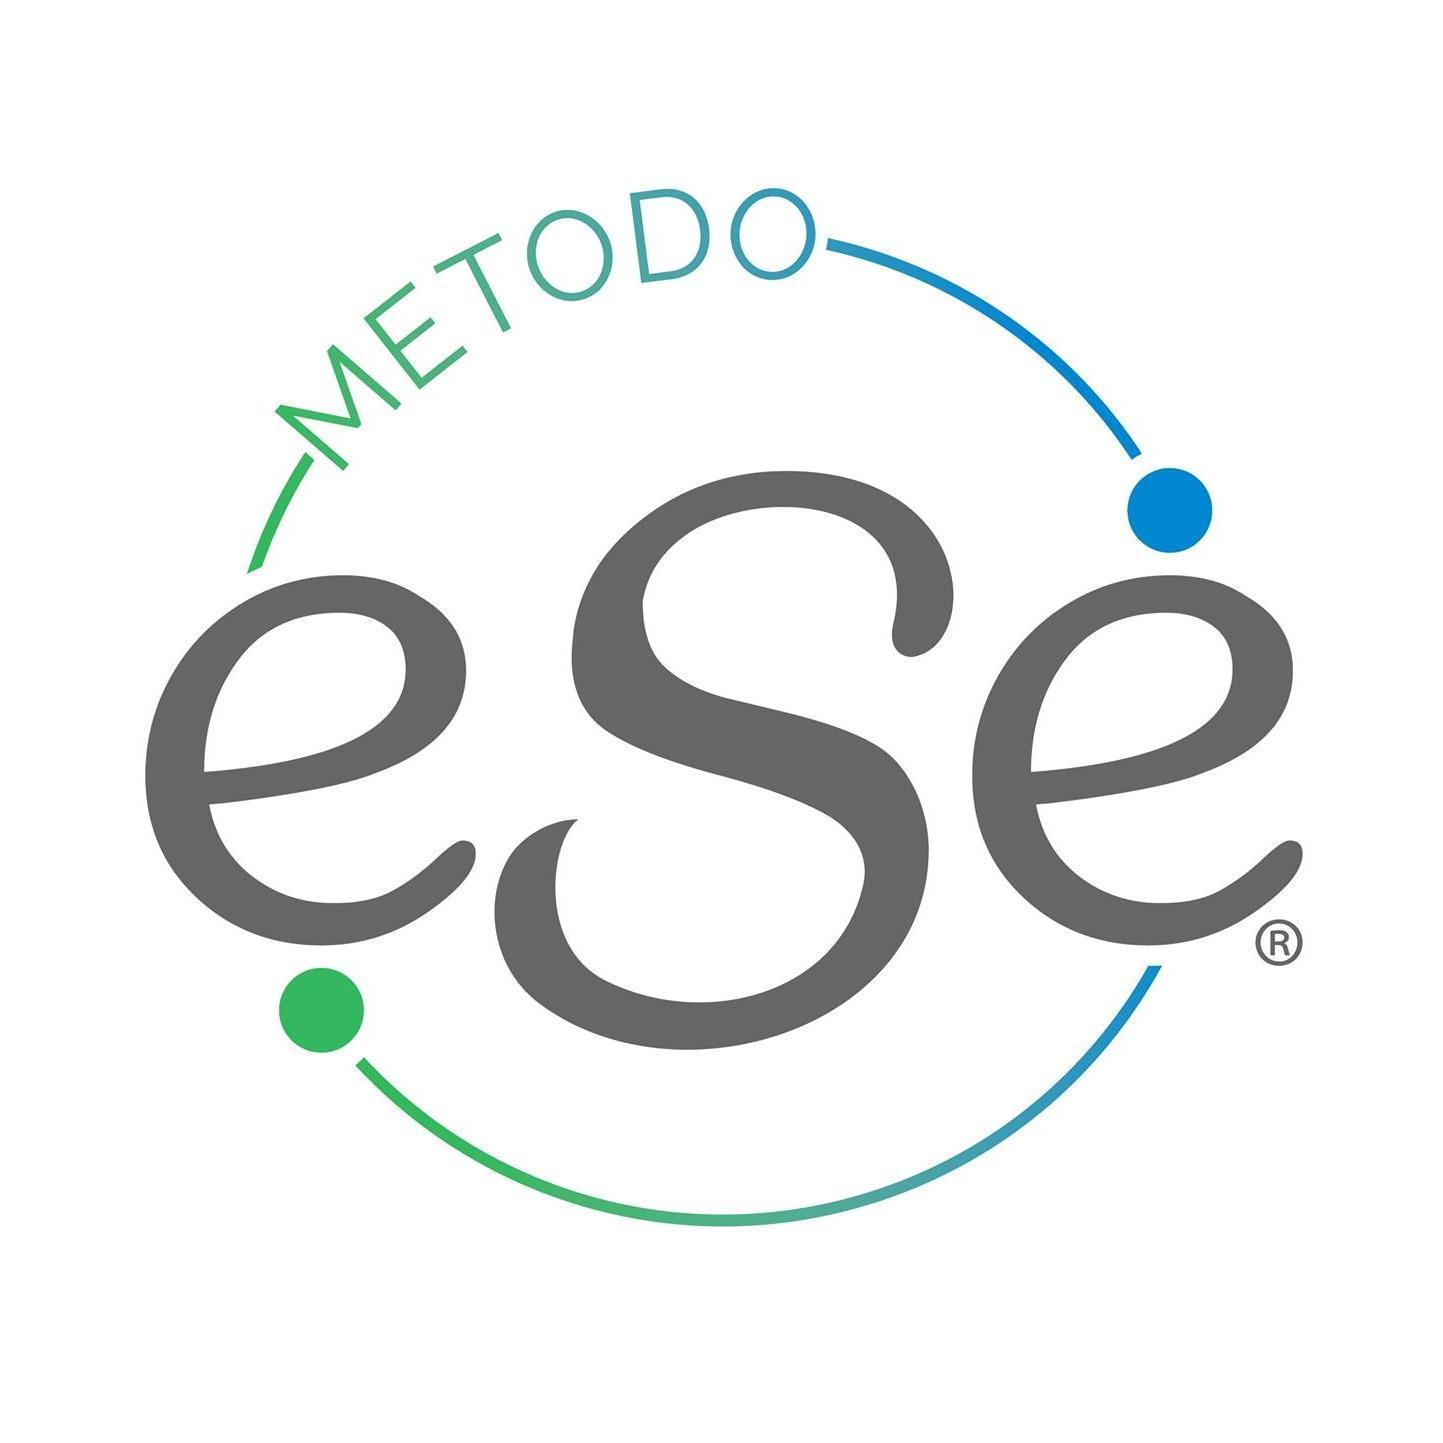 METODO eSe